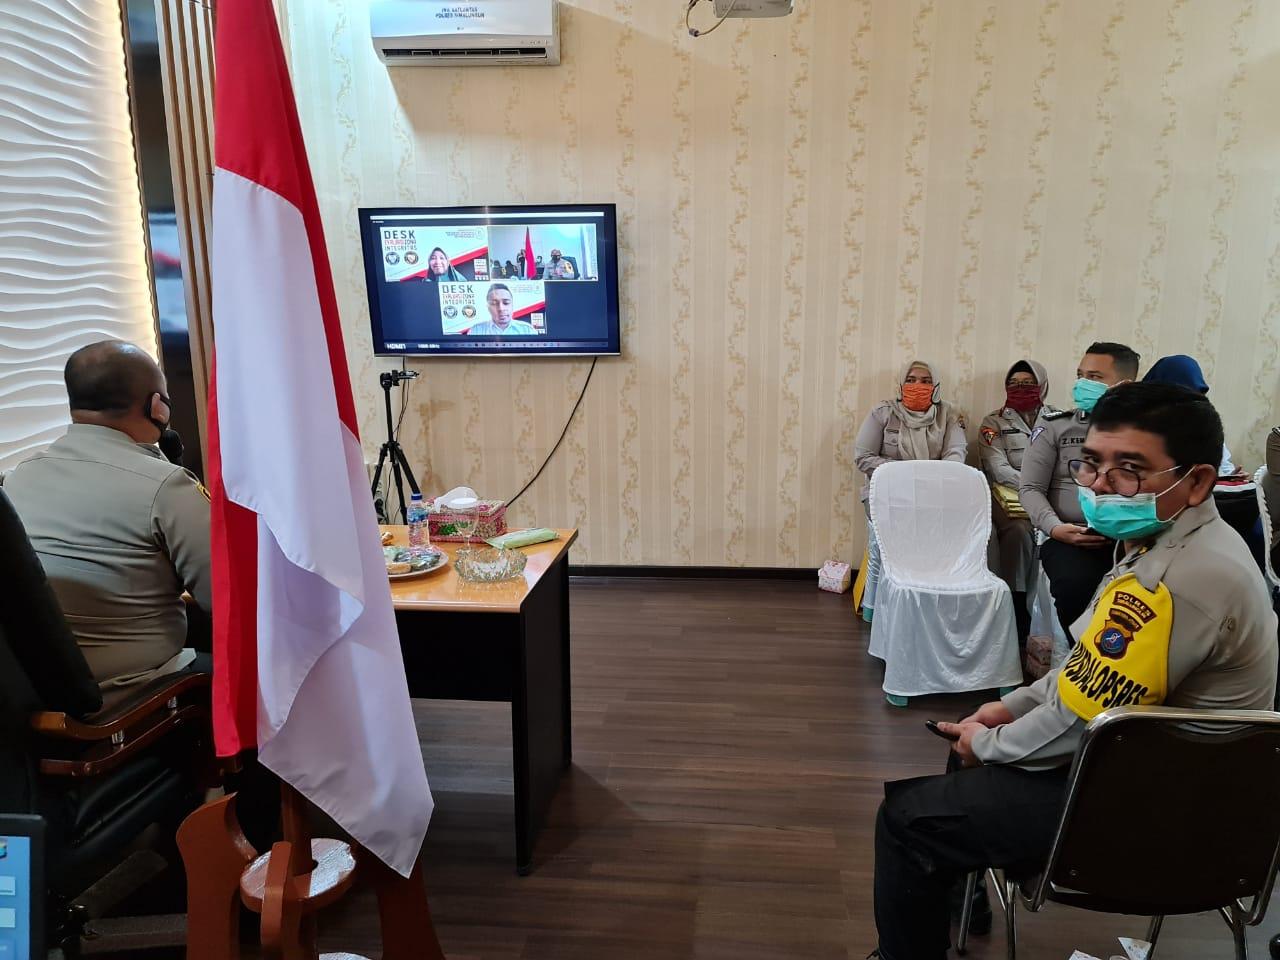 Kapolres Simalungun AKBP Agus Waluyo, S.I.K. saat Desk Evaluasi Zona Integritas Dari Kemenpan RI Secara Virtual